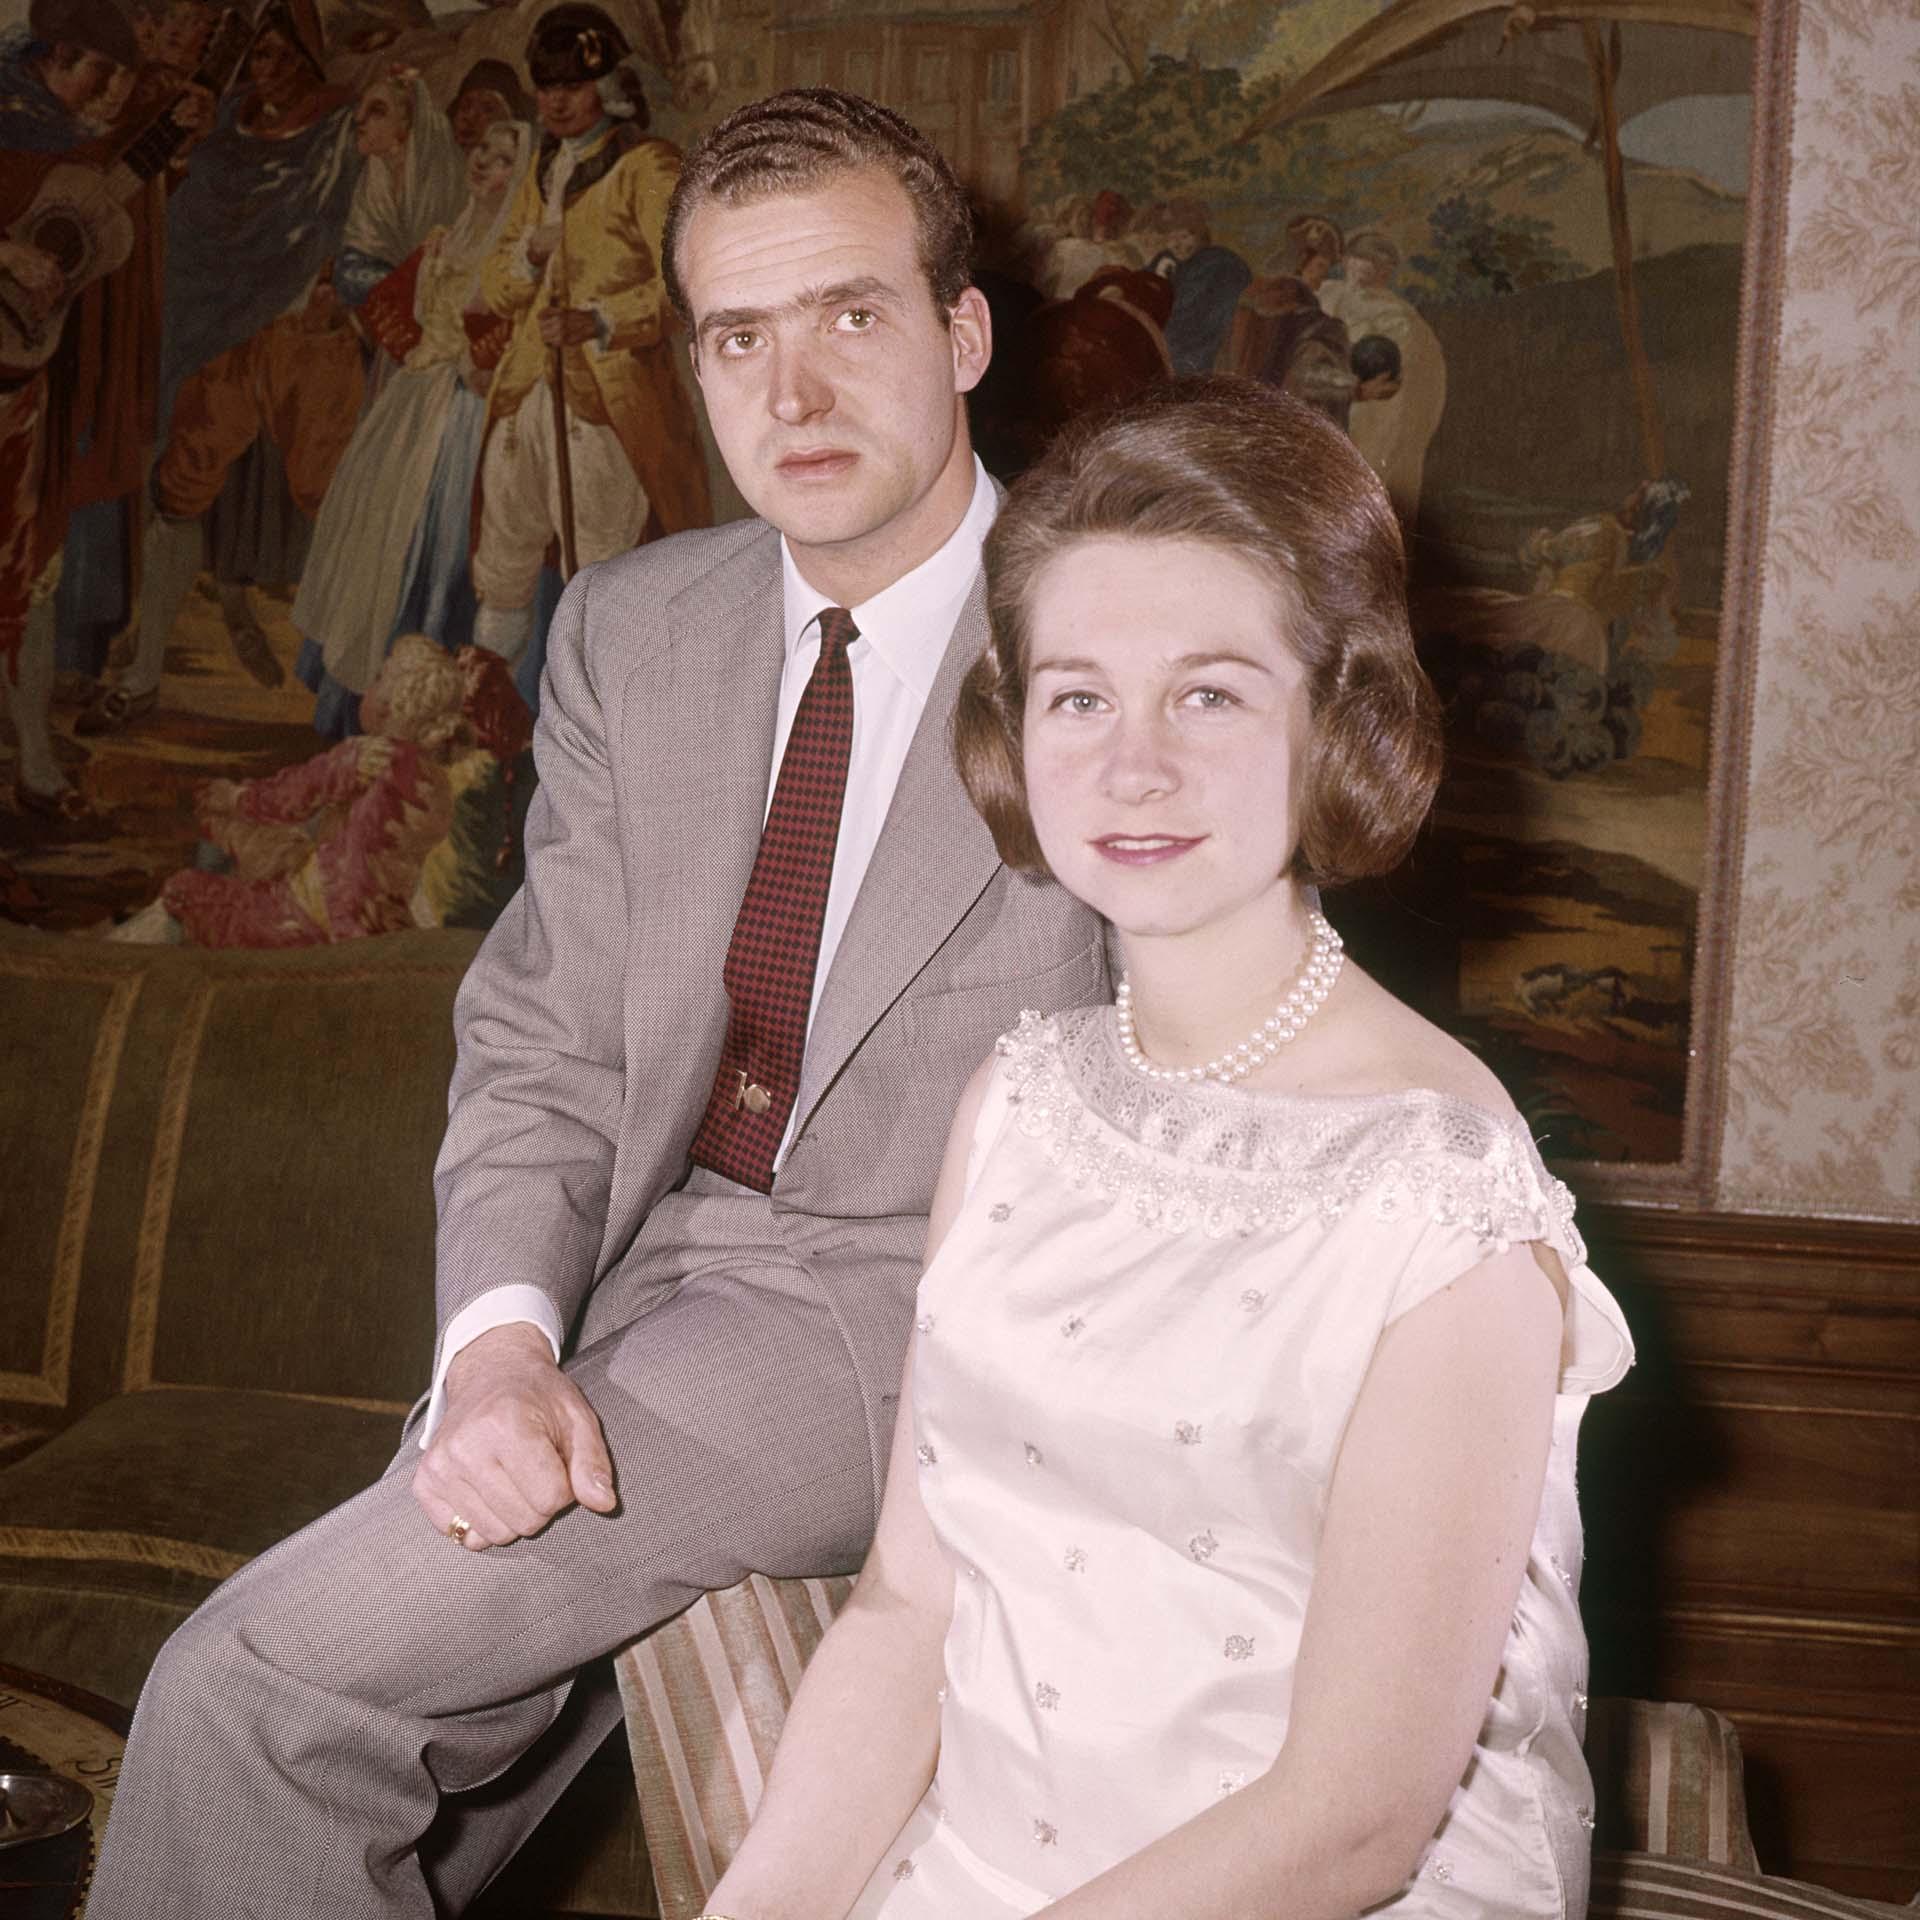 Juan Carlos y Sofía en el Palacio de la Zarzuela, Madrid en 1965 (Shutterstock)